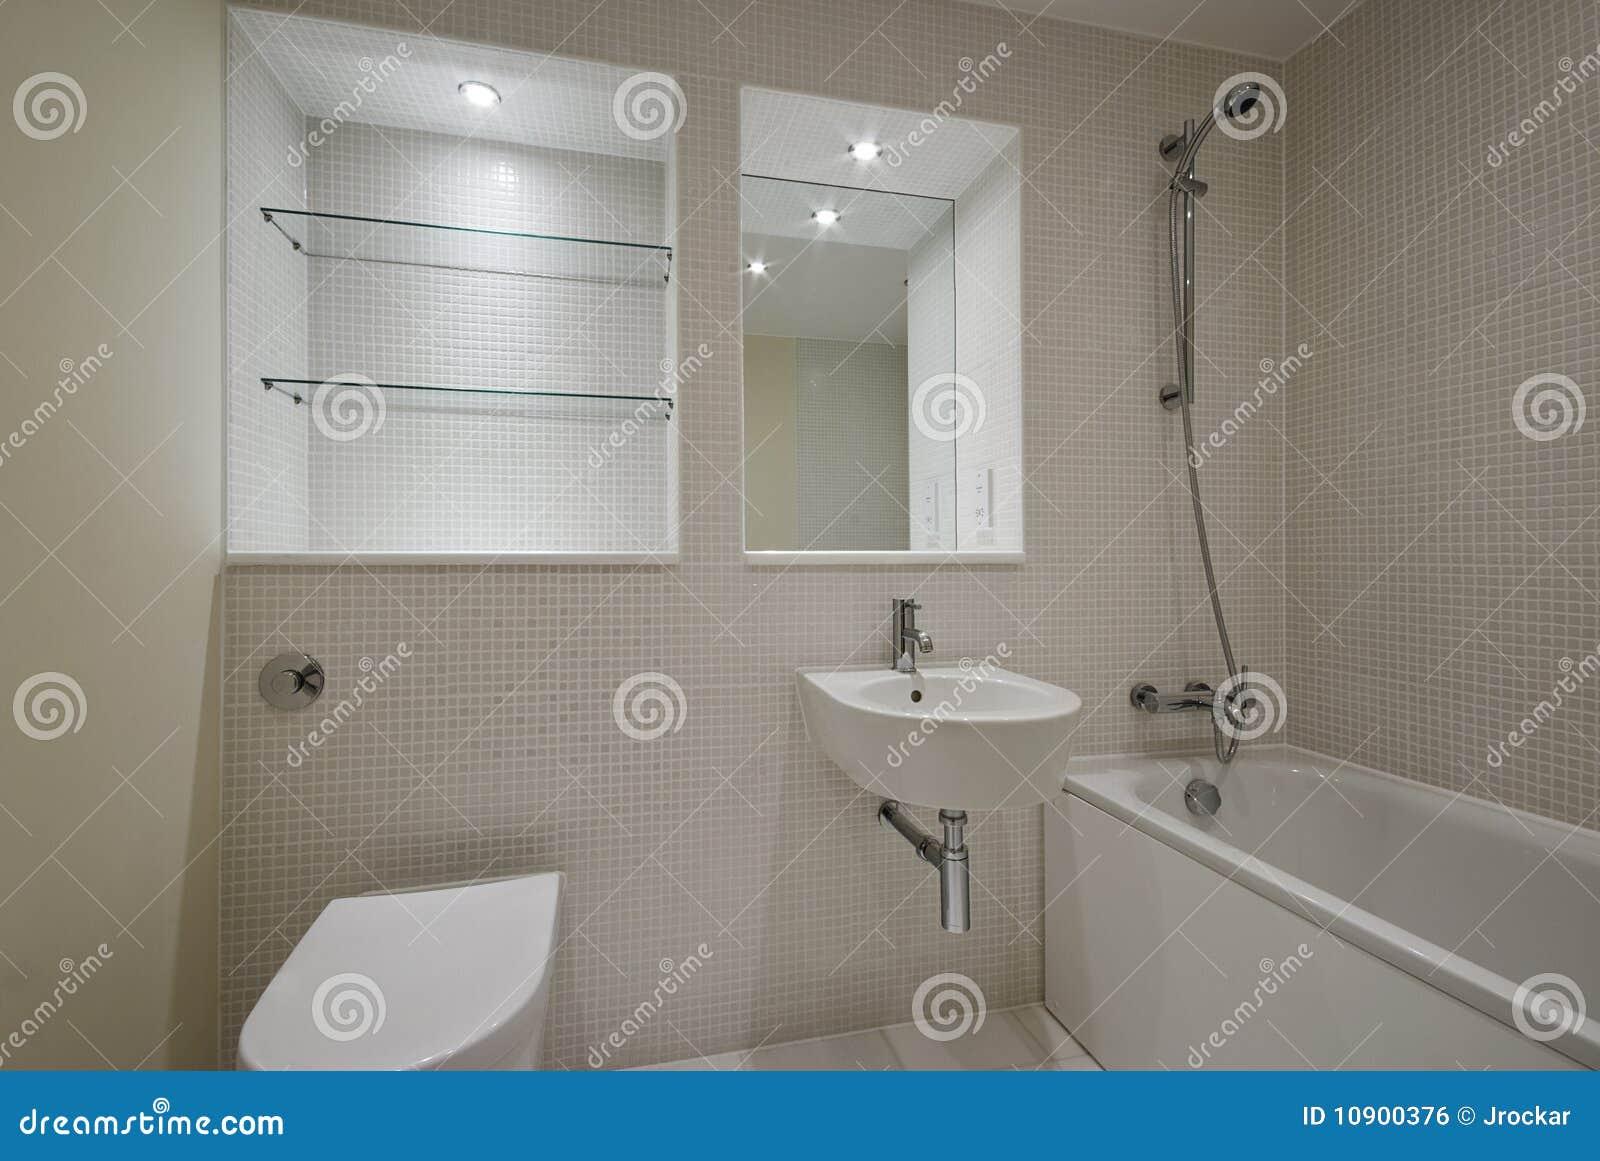 Salle de bains contemporaine avec les tuiles mozaic image for Photo salle de bain contemporaine